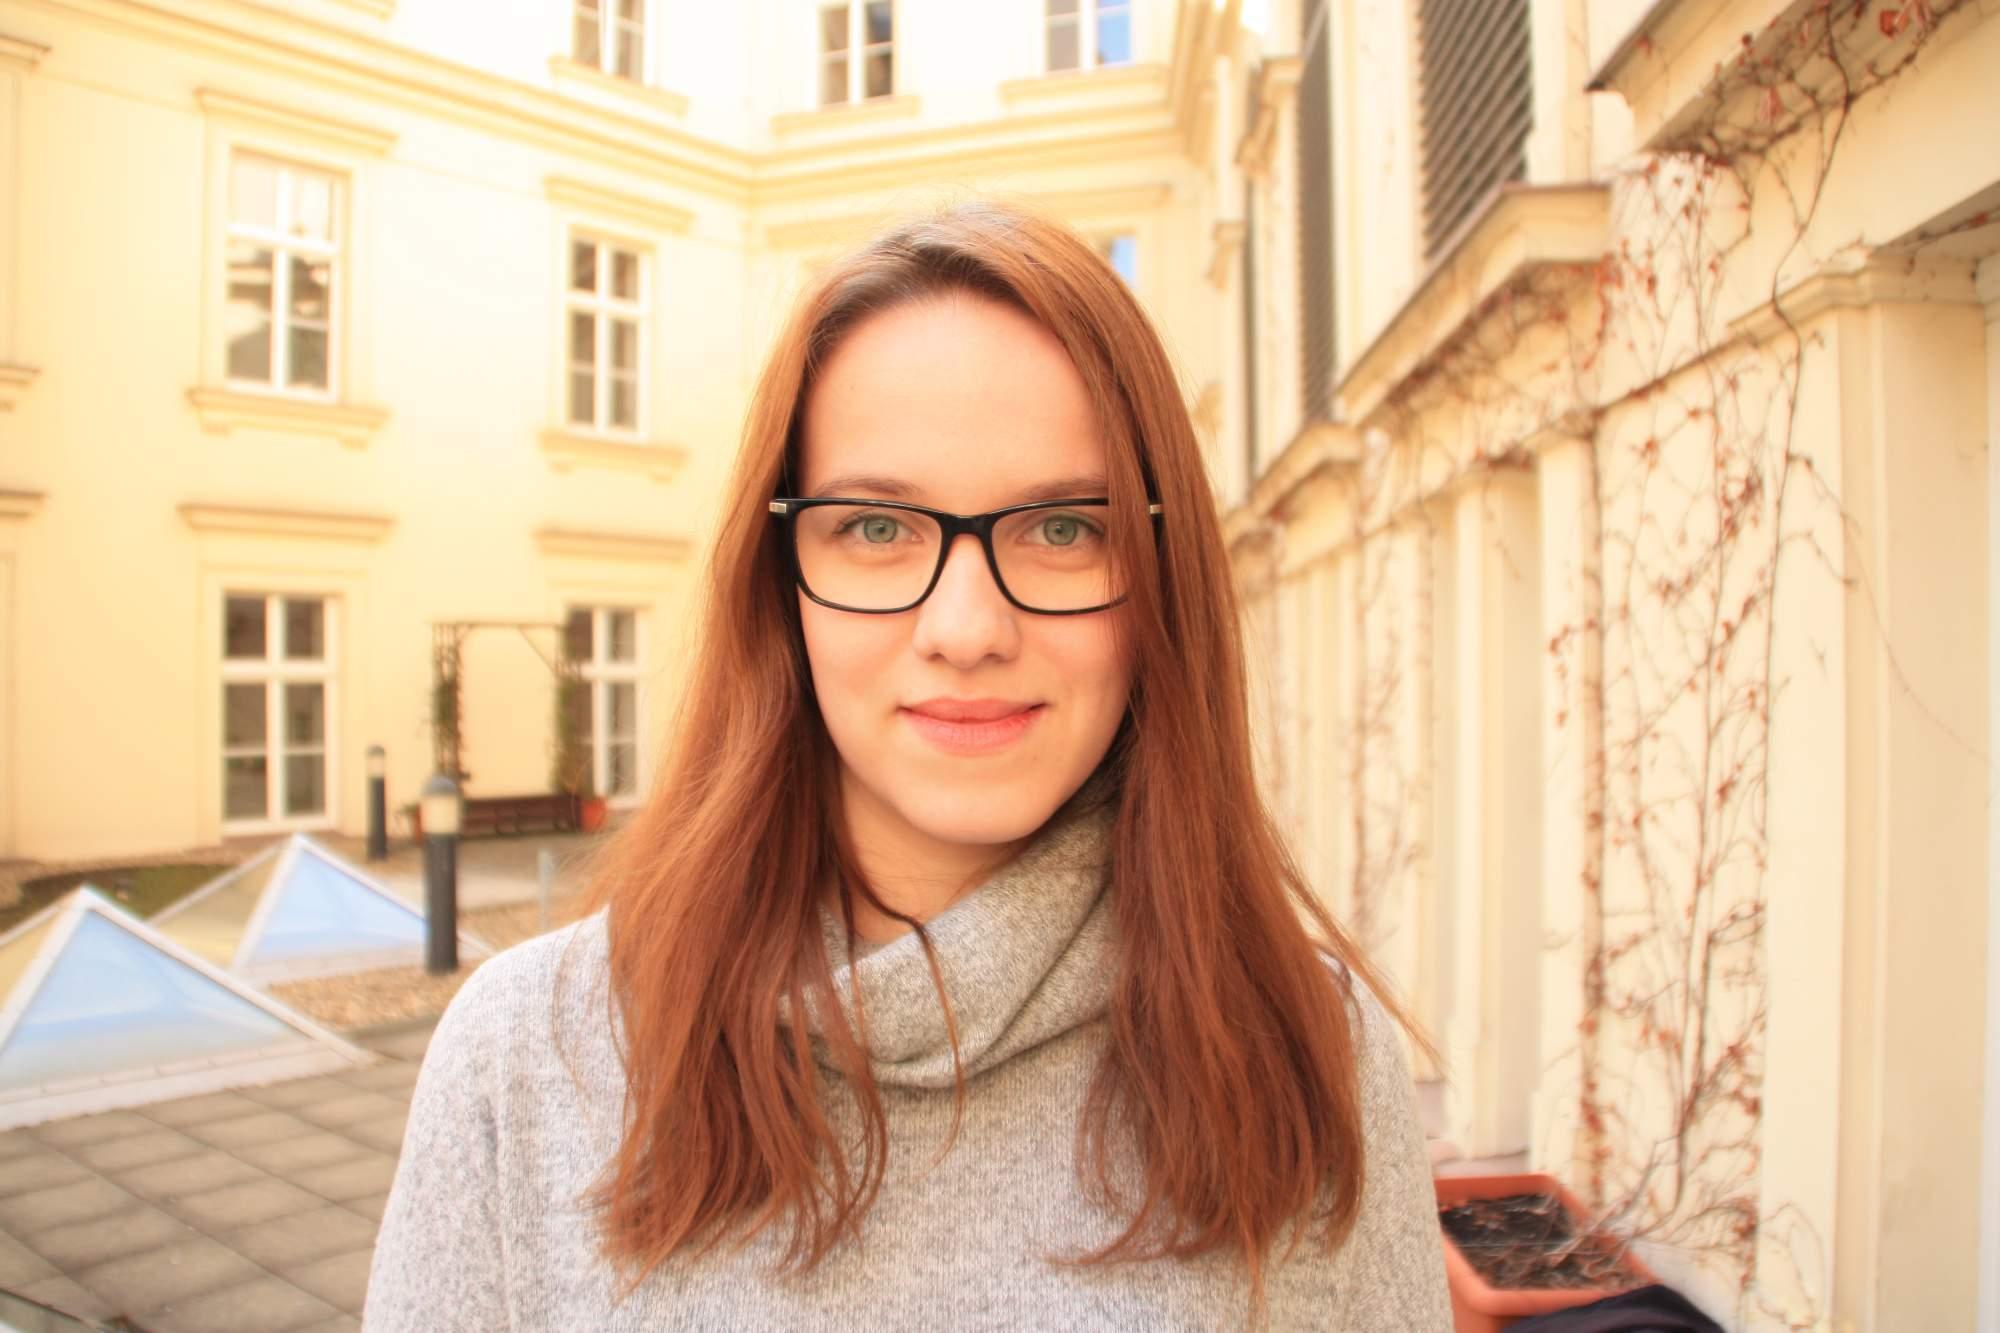 Autorka textu Dominika Vrbecká, studentka Masarykovy univerzity v Brně. Foto: Martina Paulenová